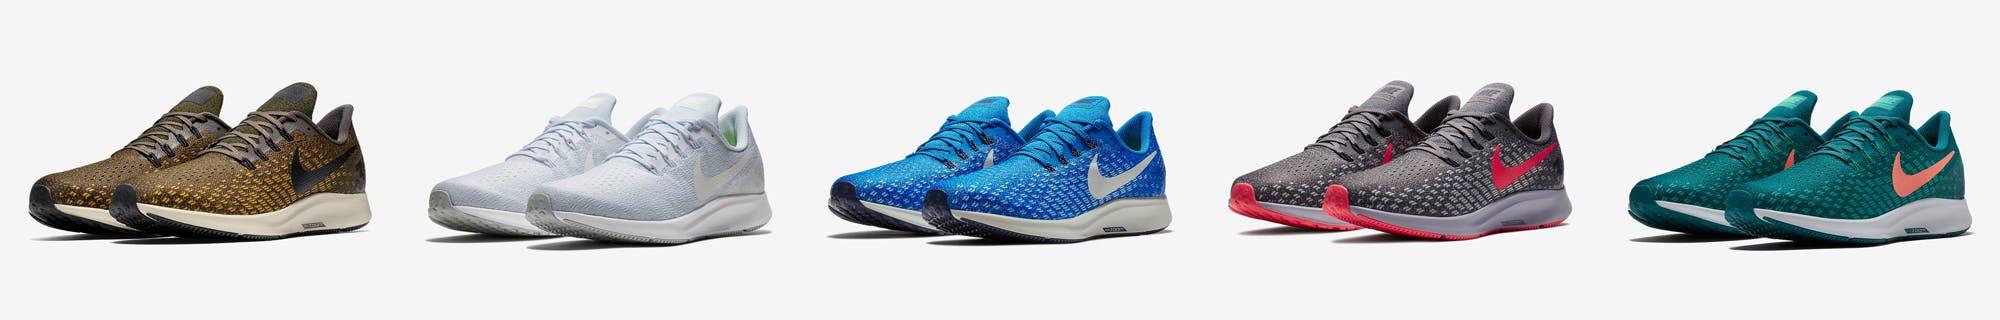 Nike Air Zoom Pegasus 35 Herren Laufschuh in über 12 Designs(!) für je 58,78€ (statt ~85€)